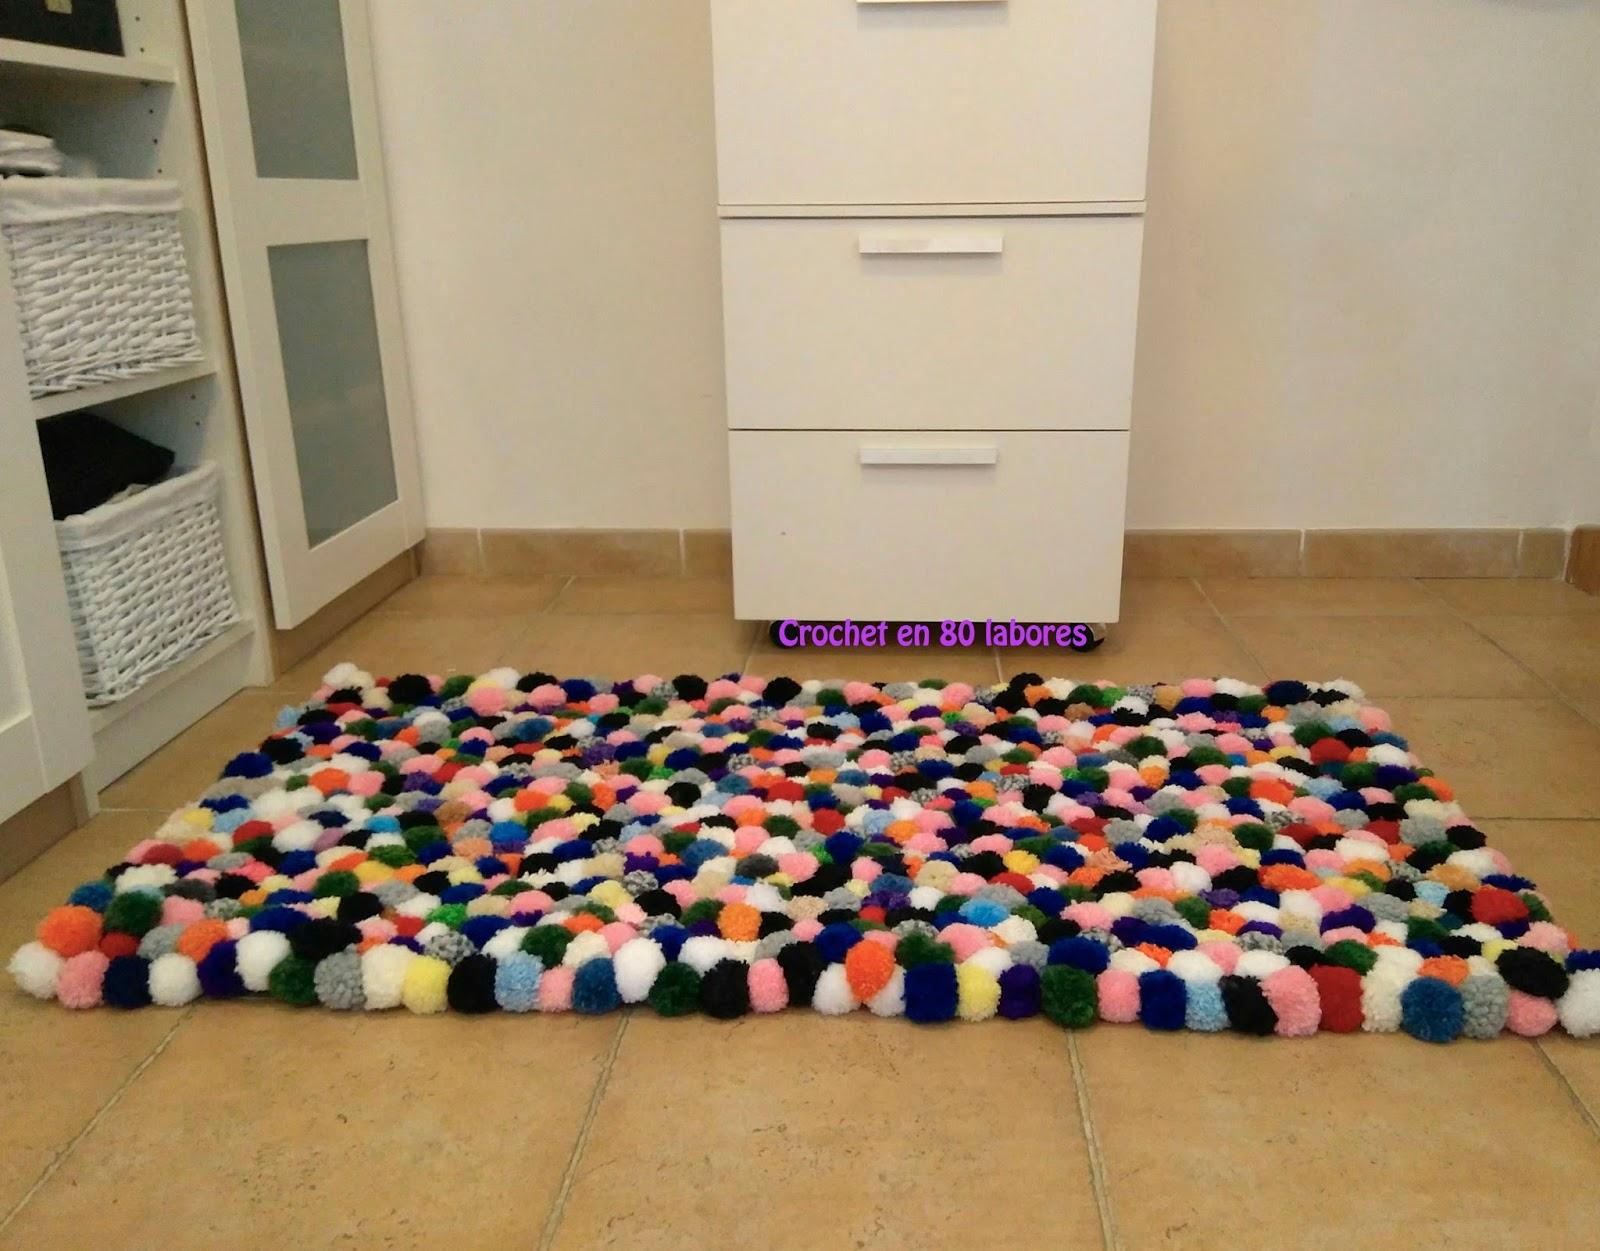 Crochet en 80 labores alfombra de pompones - Como hacer alfombras de lana ...